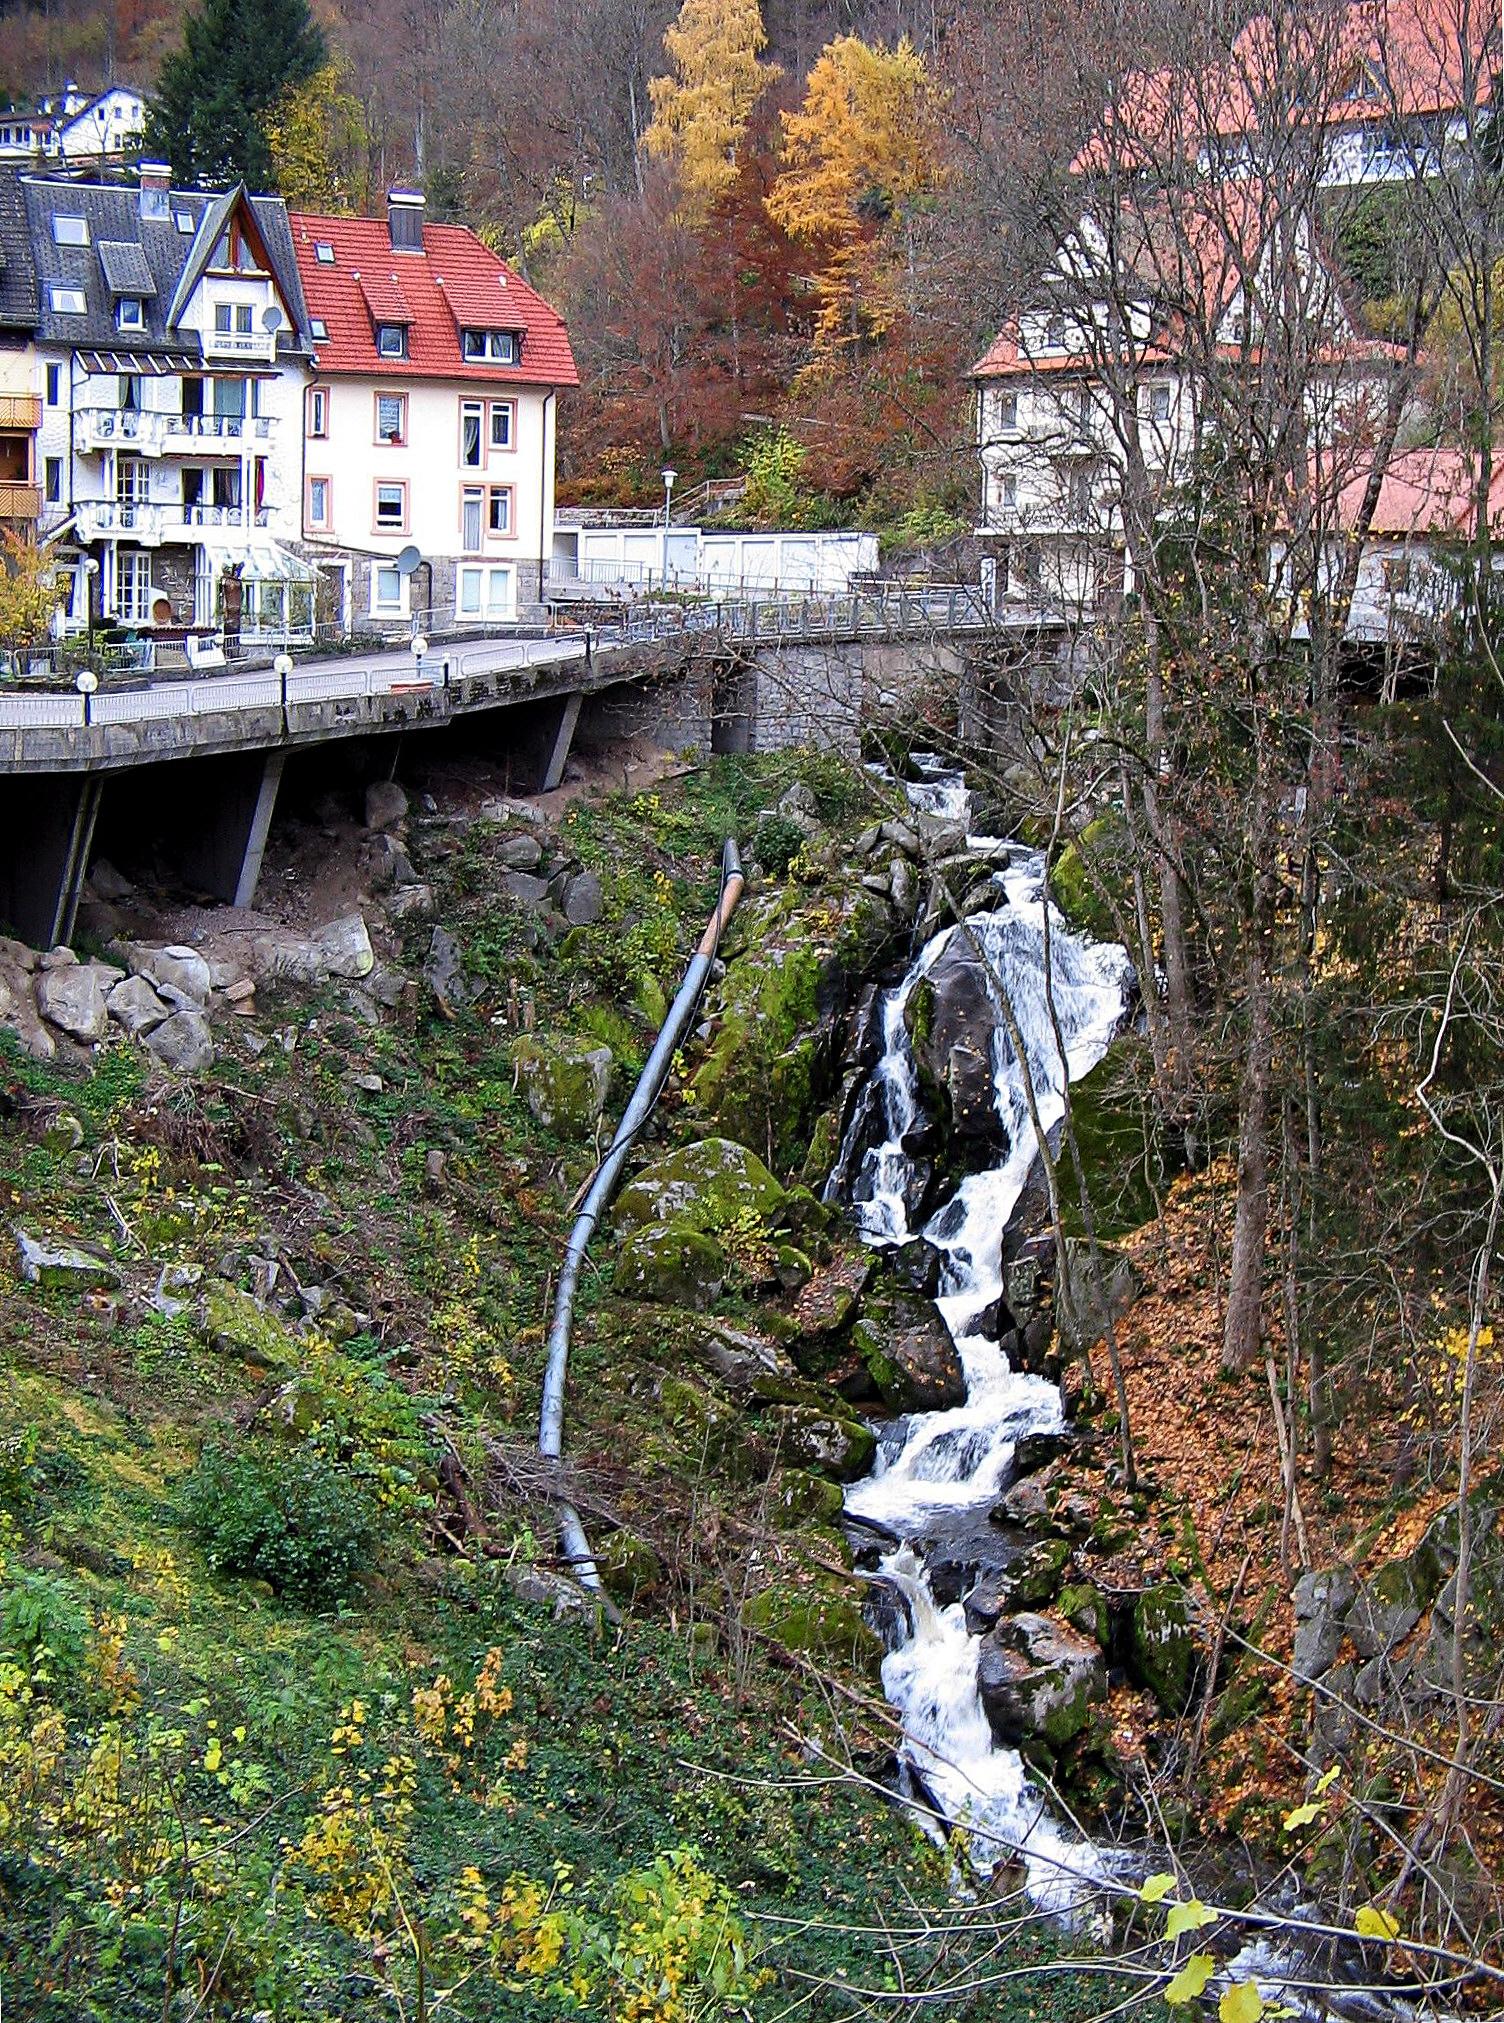 Триберг, Германия: чем заняться и что посетить, где вкусно поесть